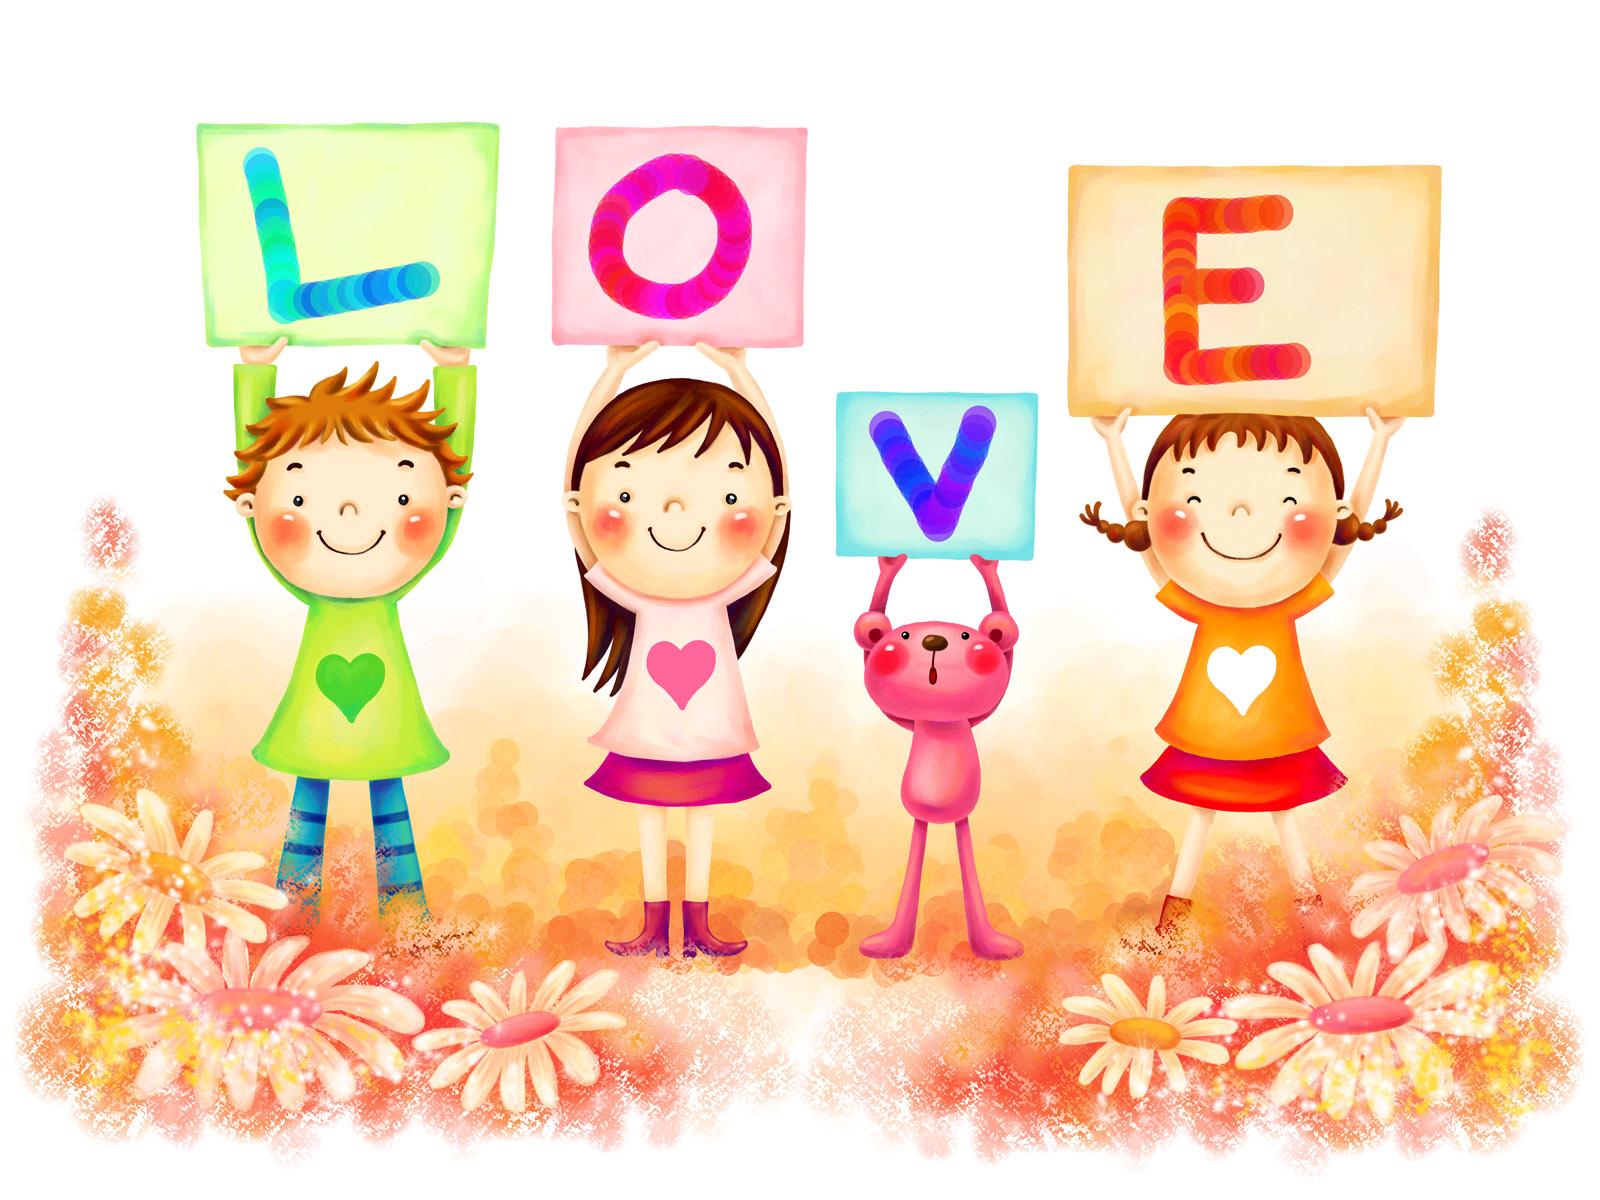 Cerita Cinta Cerita Cinta